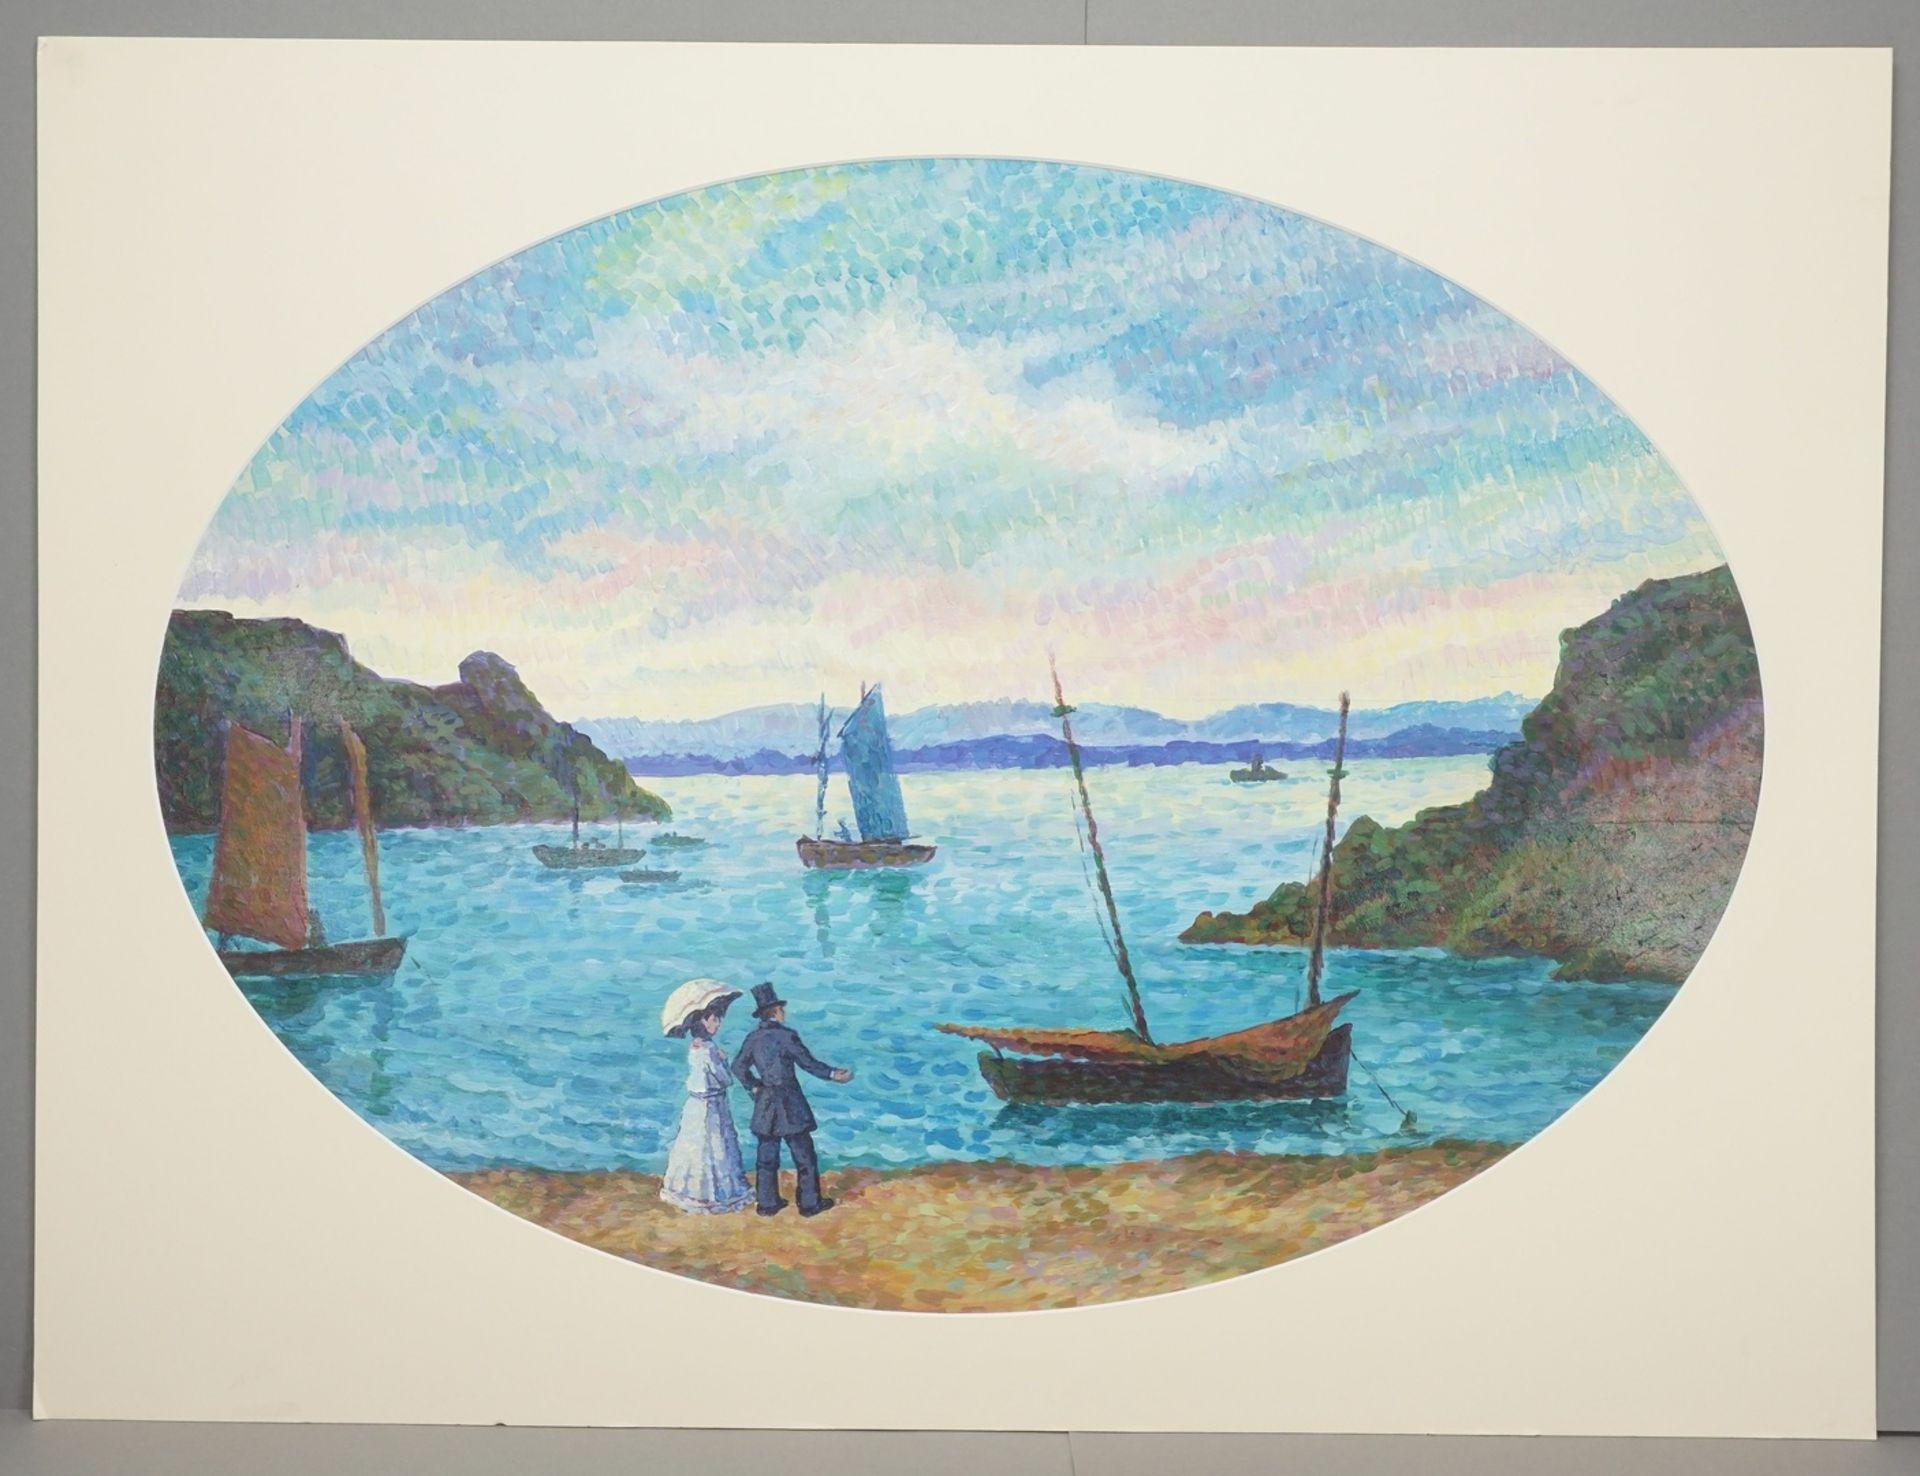 """Maxime Maufra, """"Île de Bréhat (variierte Kopie nach Maufra)"""" - Bild 2 aus 3"""